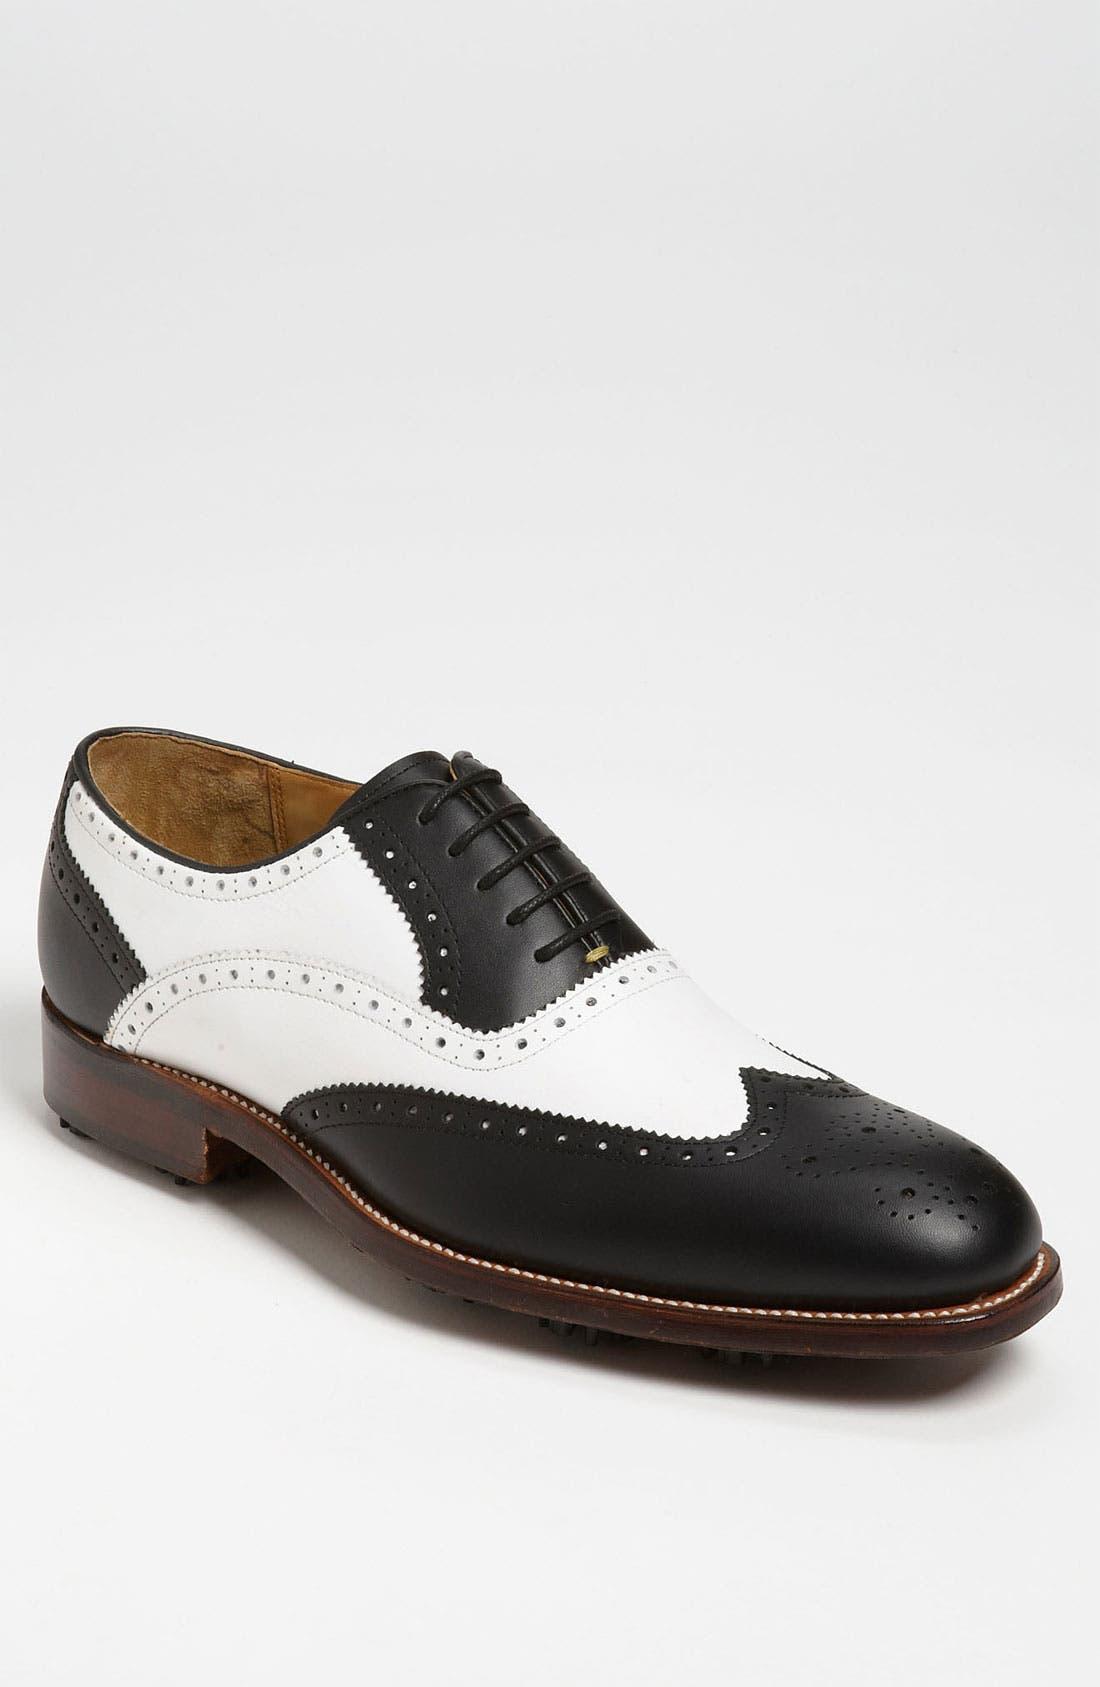 Alternate Image 1 Selected - Oliver Sweeney 'Royale' Wingtip Golf Shoe (Men)